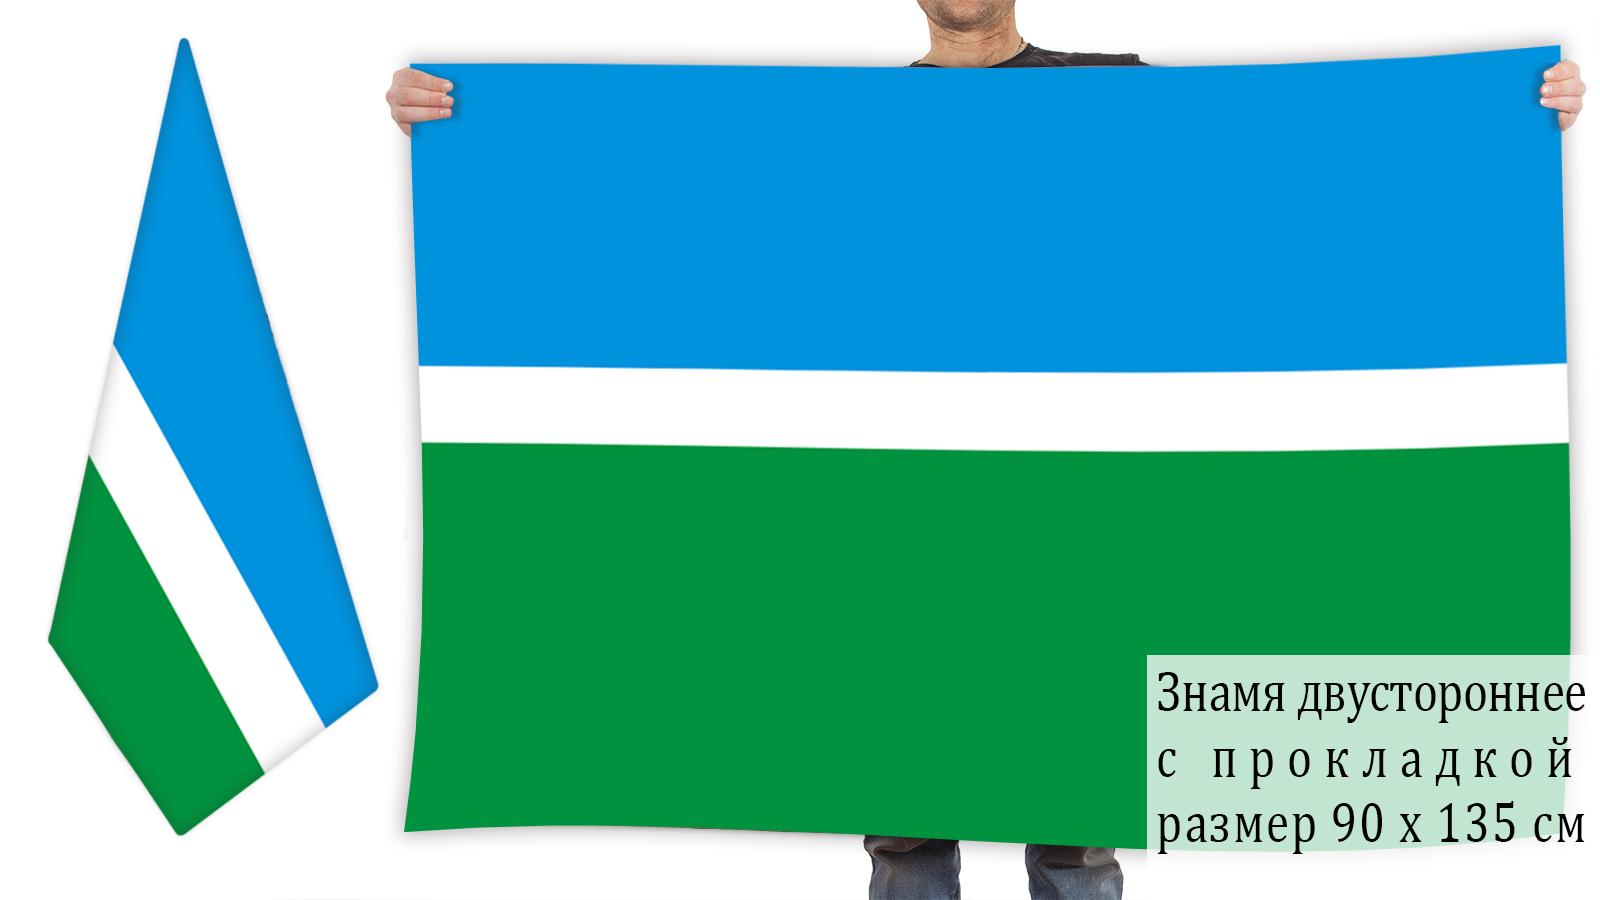 Двухсторонний флаг Первомайского района